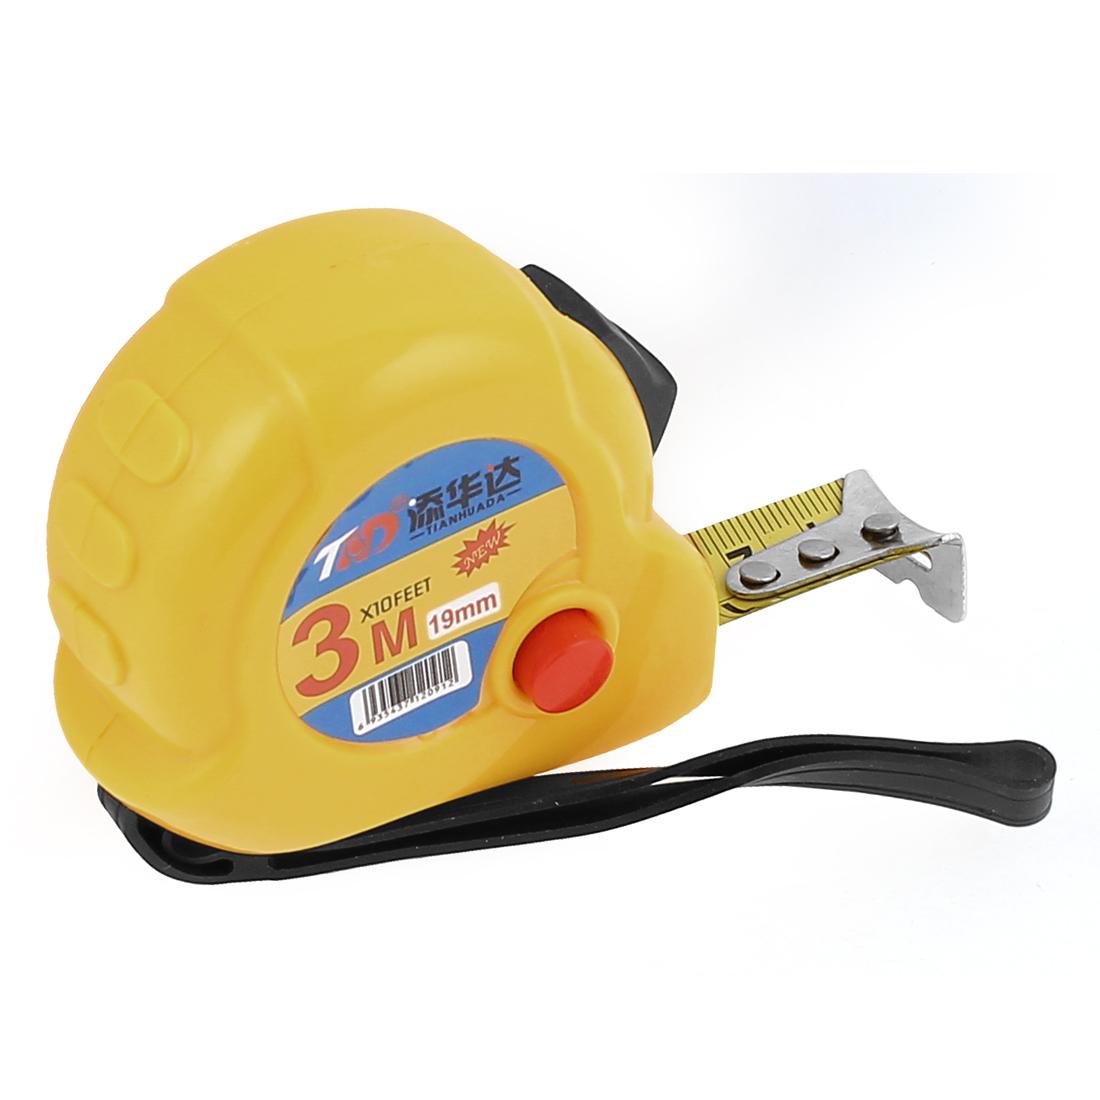 Self-Retract Design 3 Meter 10Ft Portable Flexible Tape Measure Ruler Yellow